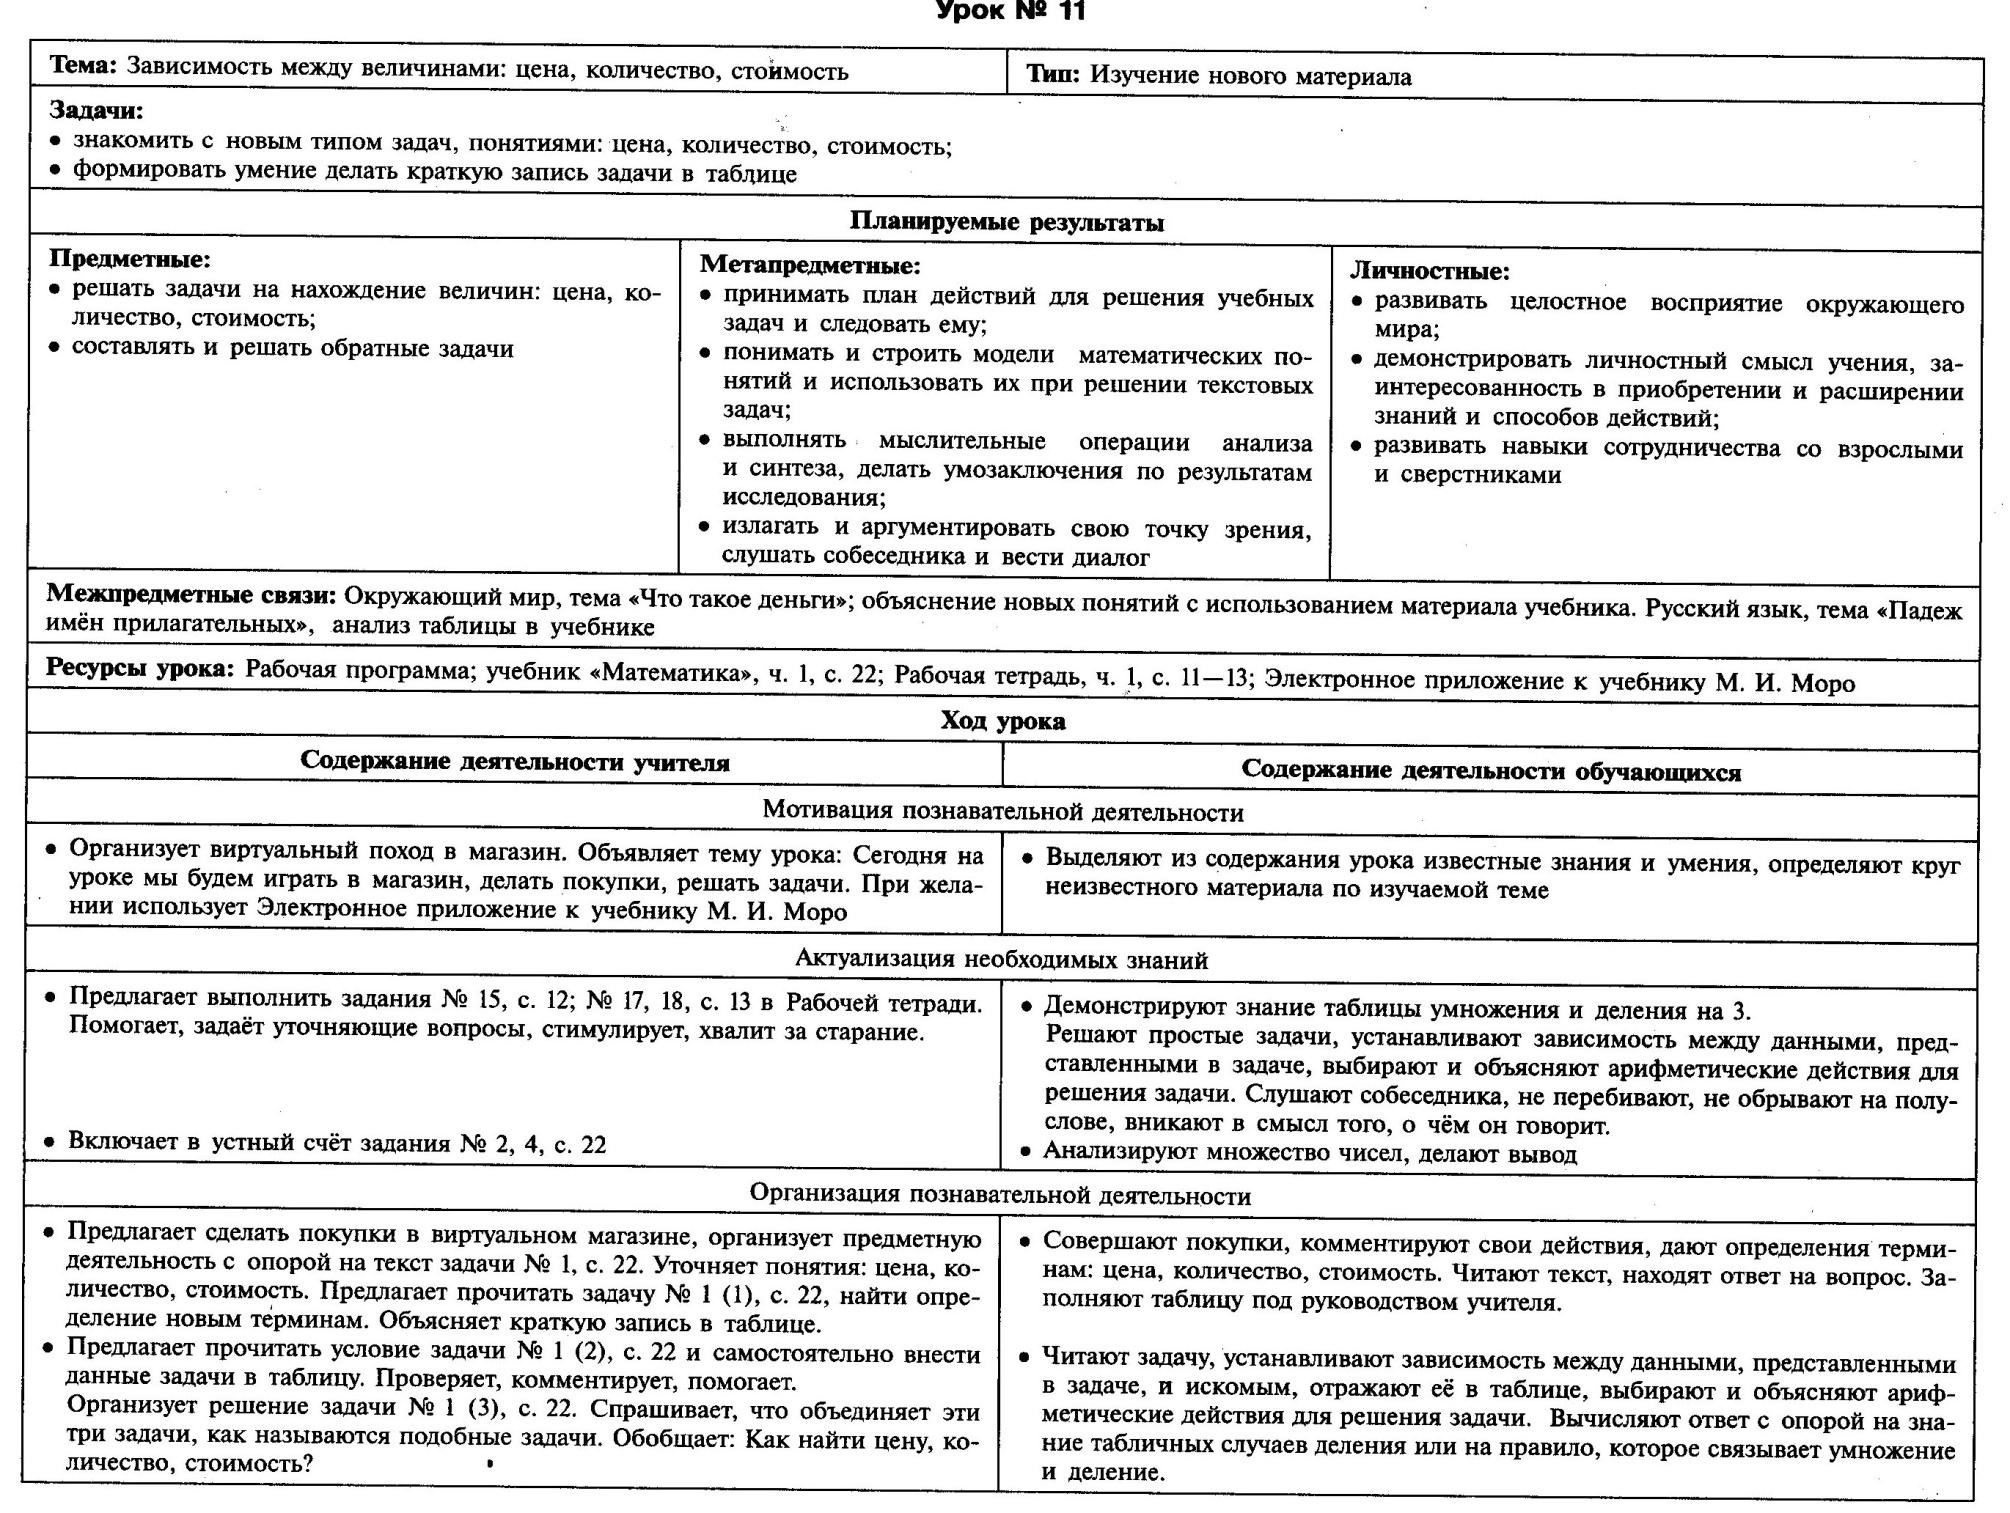 C:\Documents and Settings\Admin\Мои документы\Мои рисунки\1265.jpg